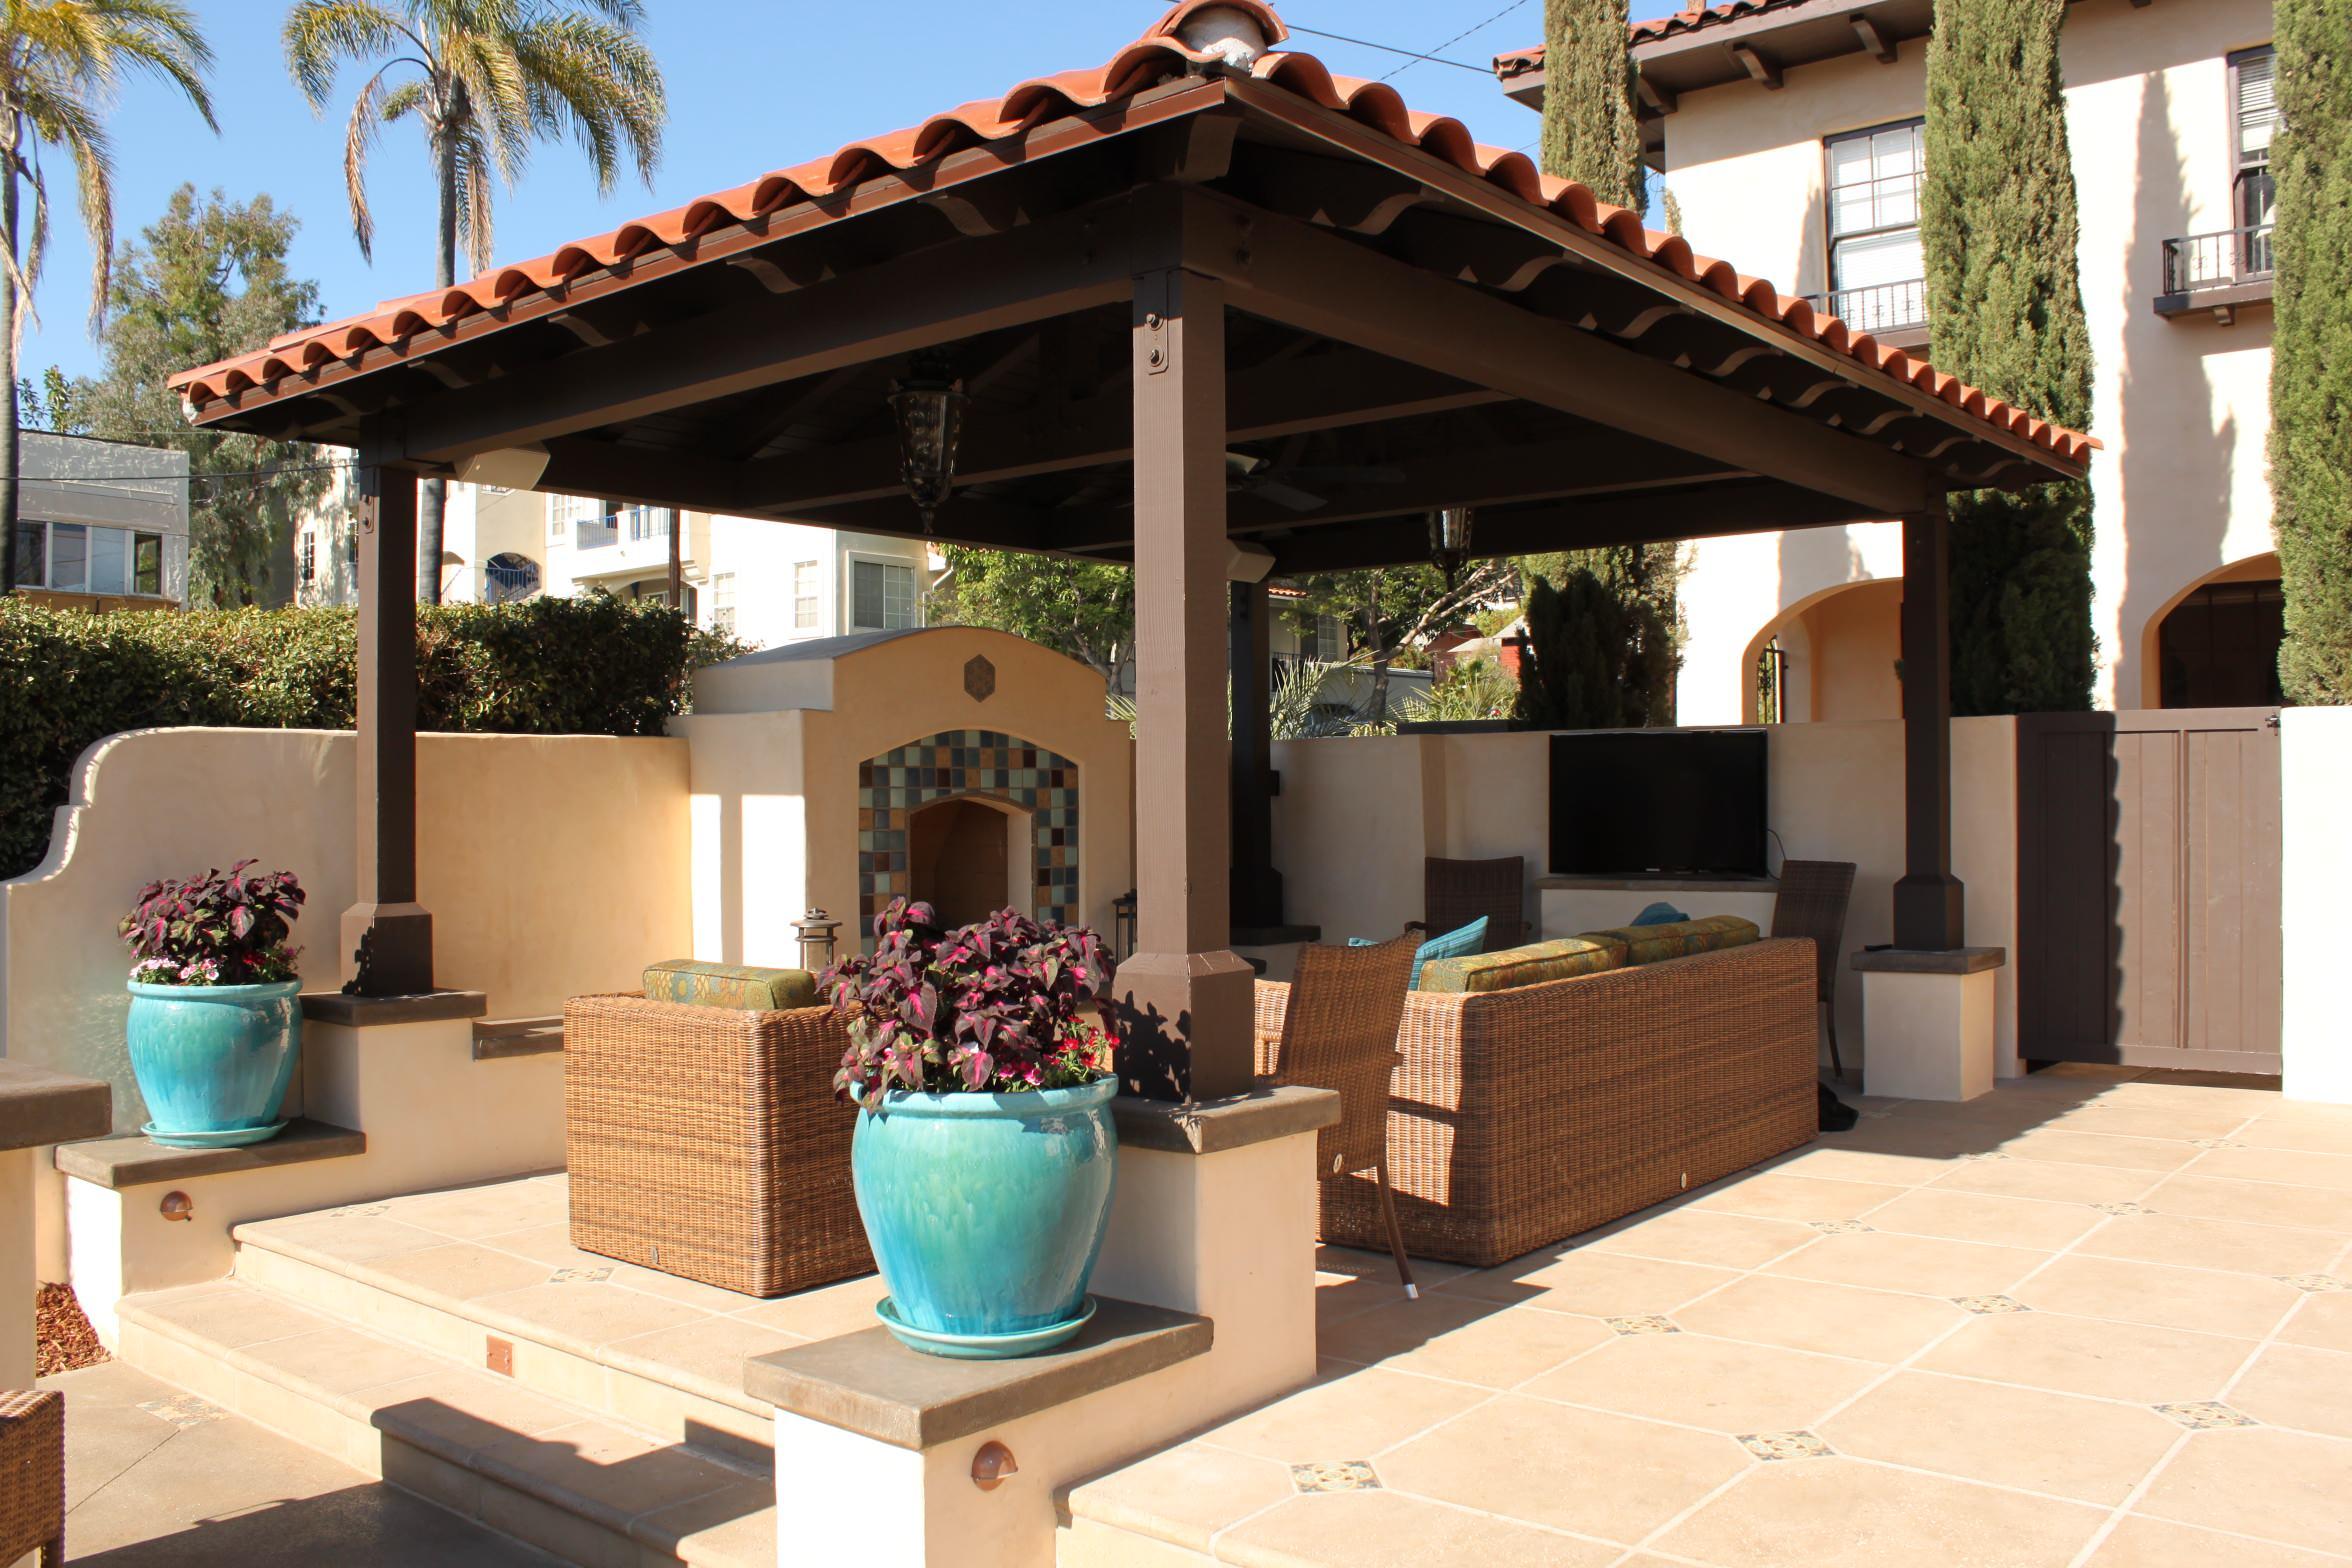 Cabana and Fireplace Lounge Area